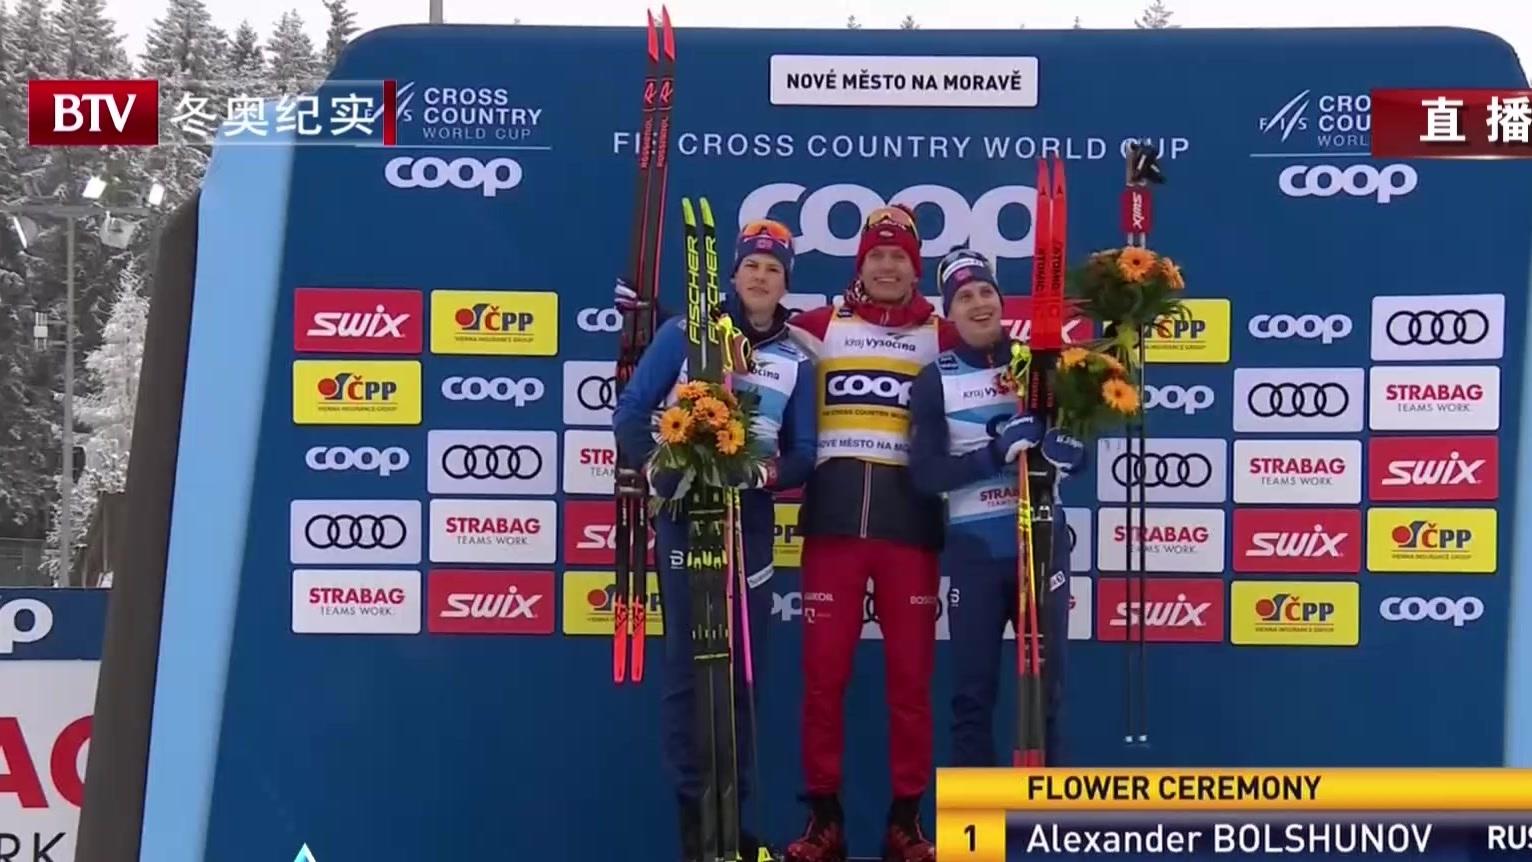 越野滑雪世界杯捷克站 俄罗斯选手独占鳌头